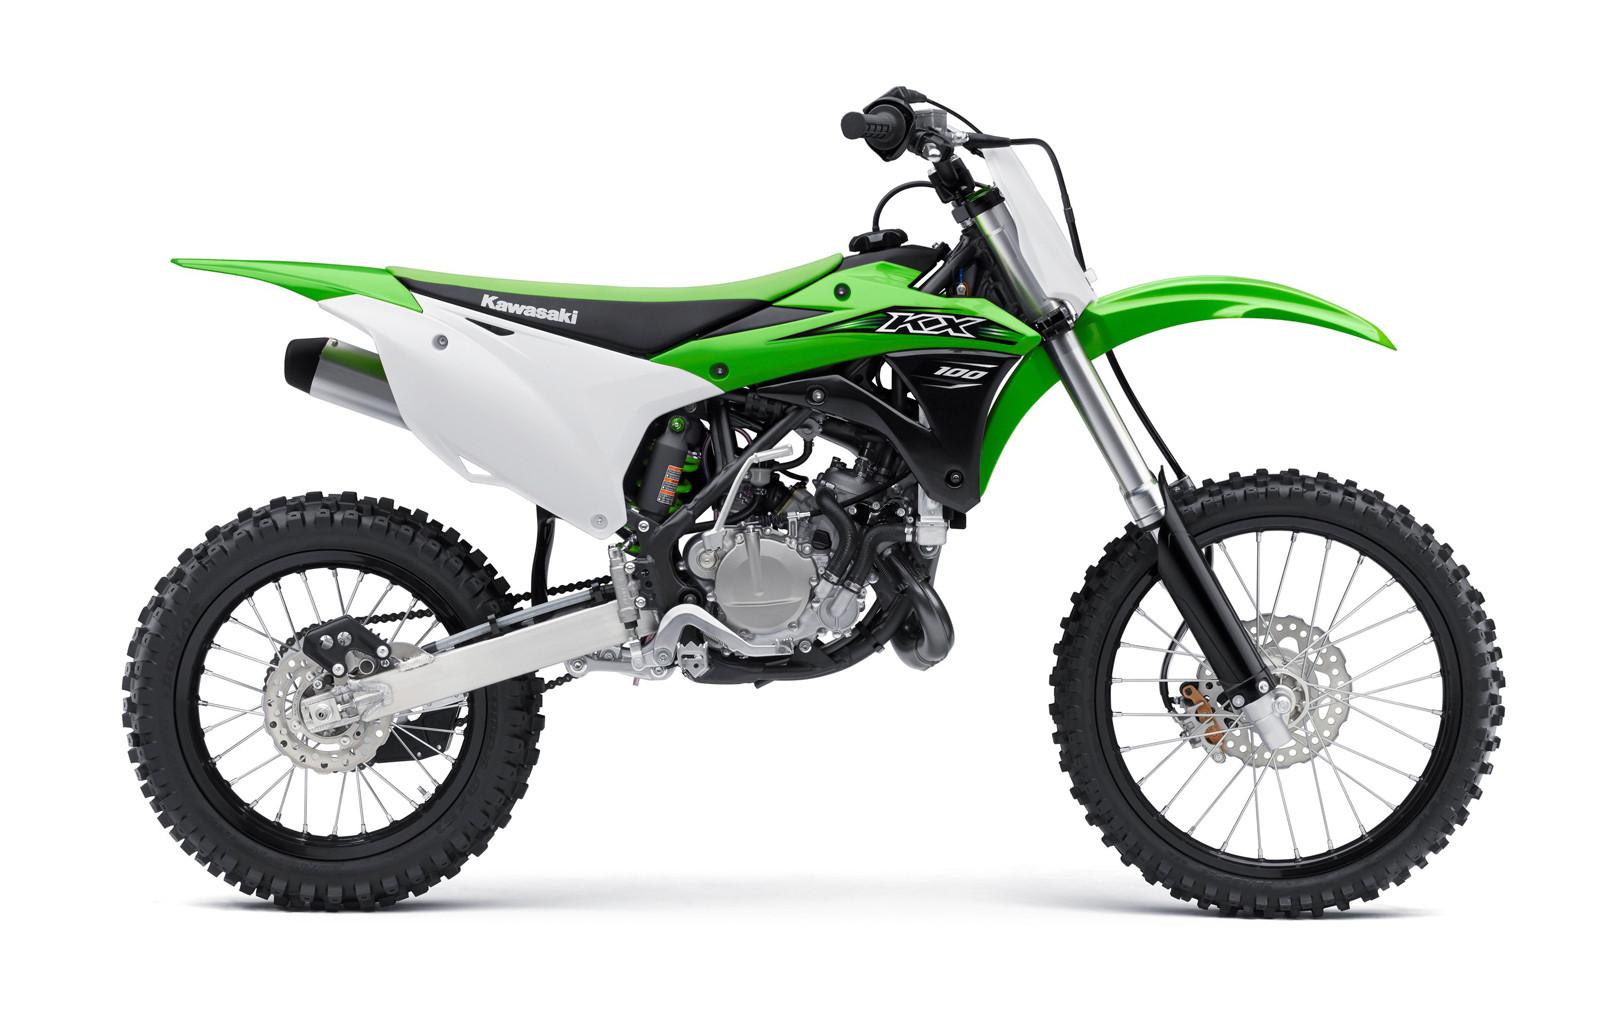 2016 Kawasaki KX100 - First Look: 2016 Kawasaki KX Models ...